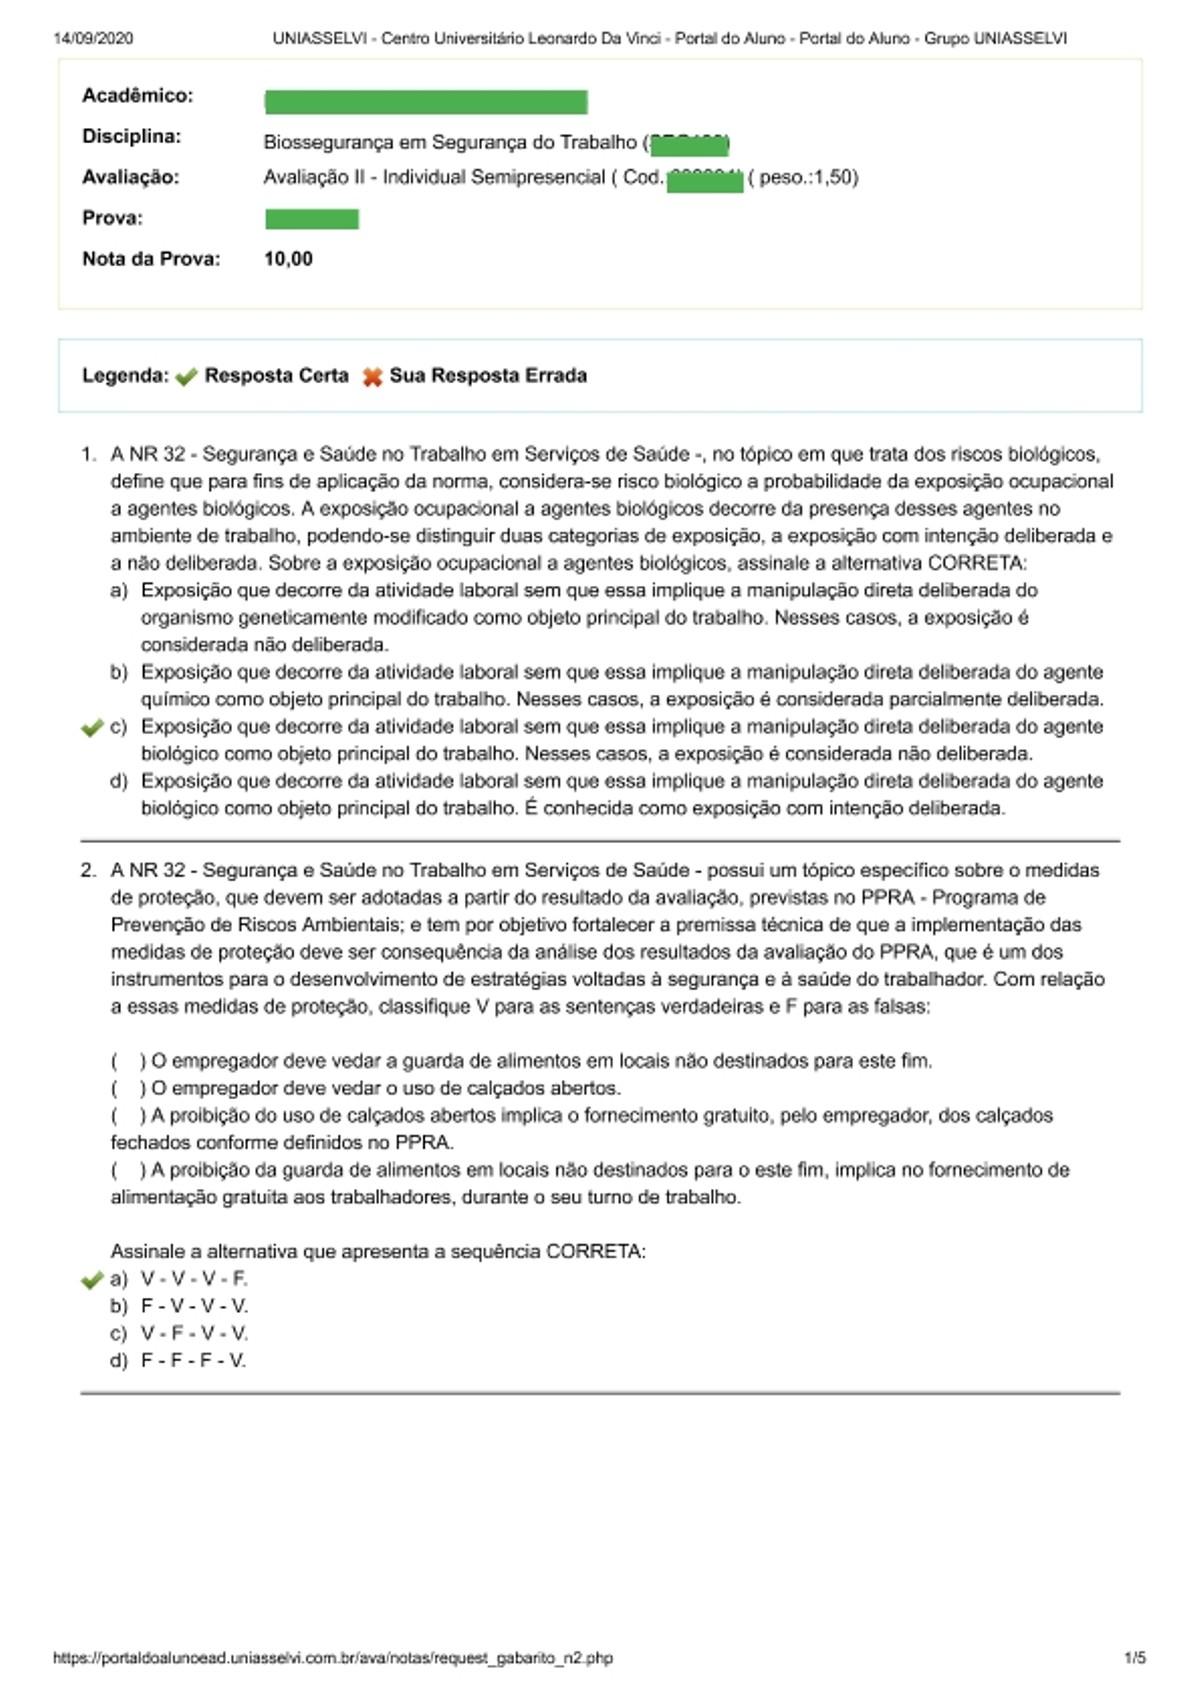 Pre-visualização do material AVALIAÇÃO II - BIOSSEGURANÇA EM SEGURANÇA DO TRABALHO - página 1